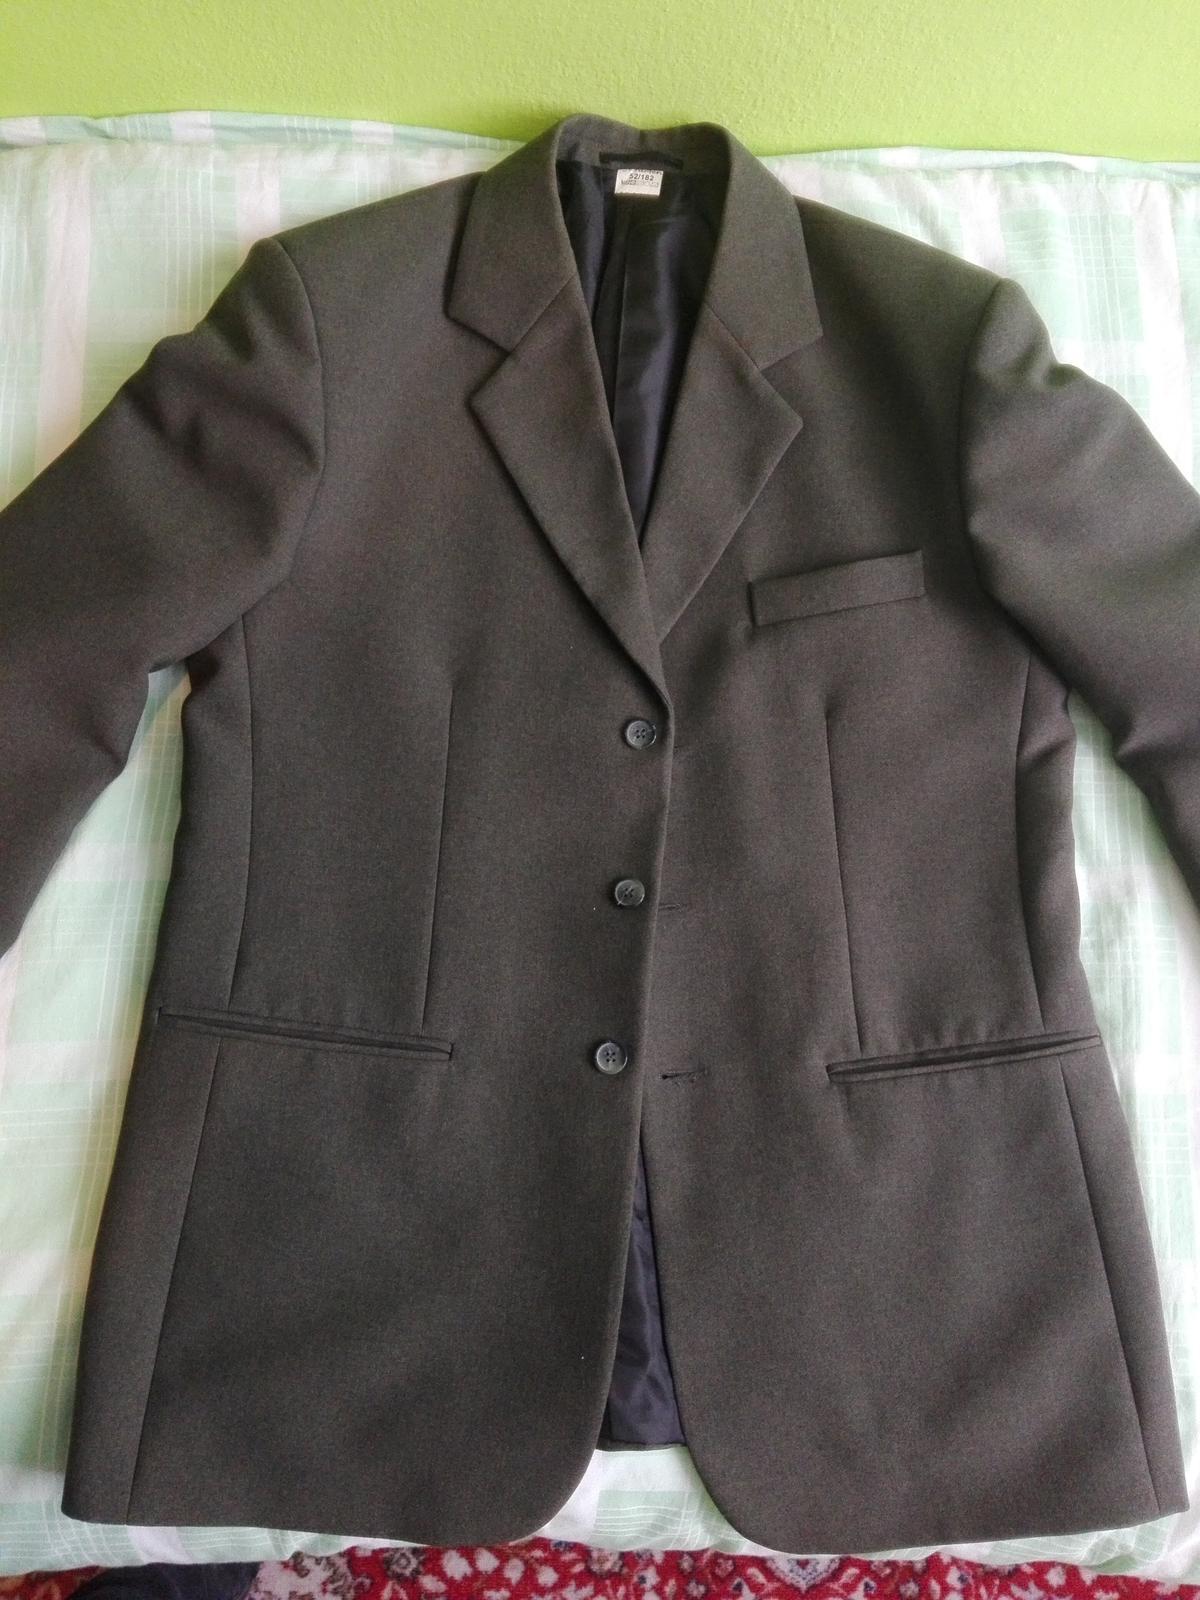 pansky oblek lacno - Obrázok č. 1